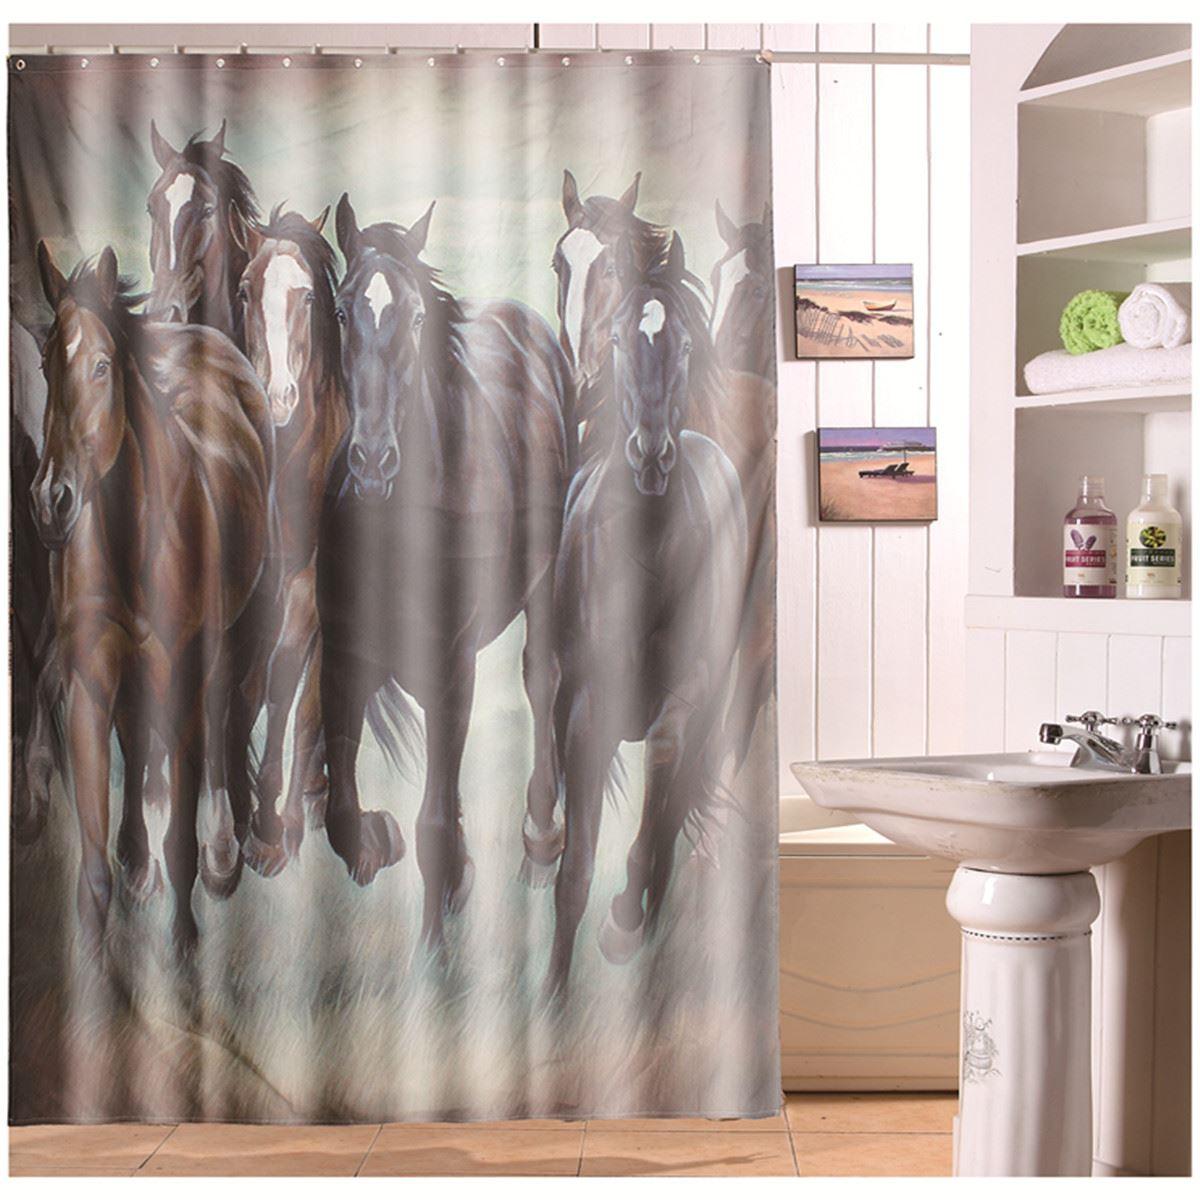 Cheval rideaux achetez des lots petit prix cheval rideaux en provenance de fournisseurs - Rideau de douche 180x180 ...